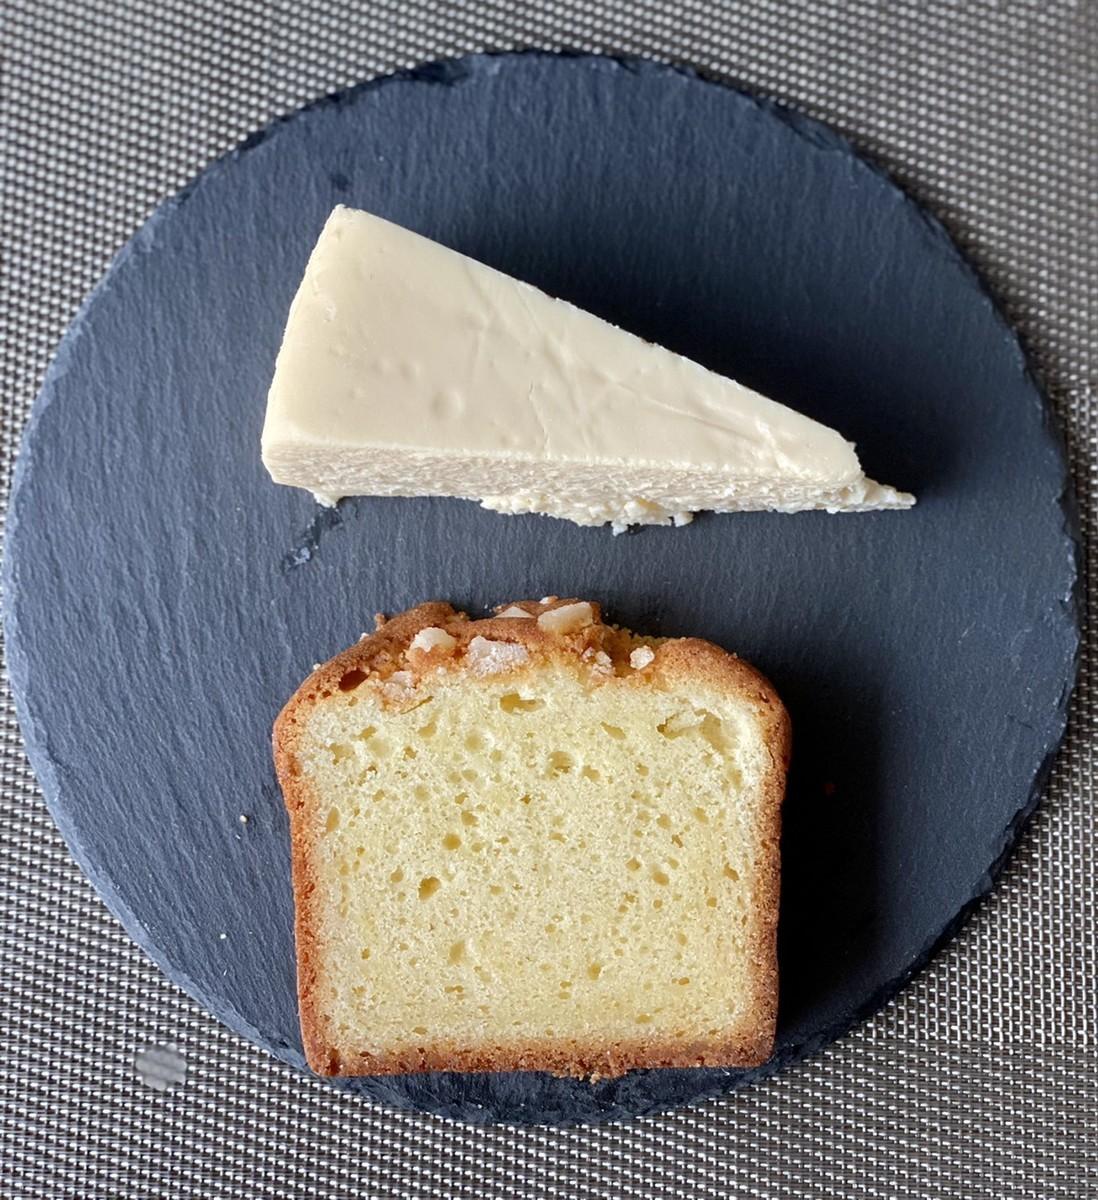 バターケーキ NYチーズケーキ